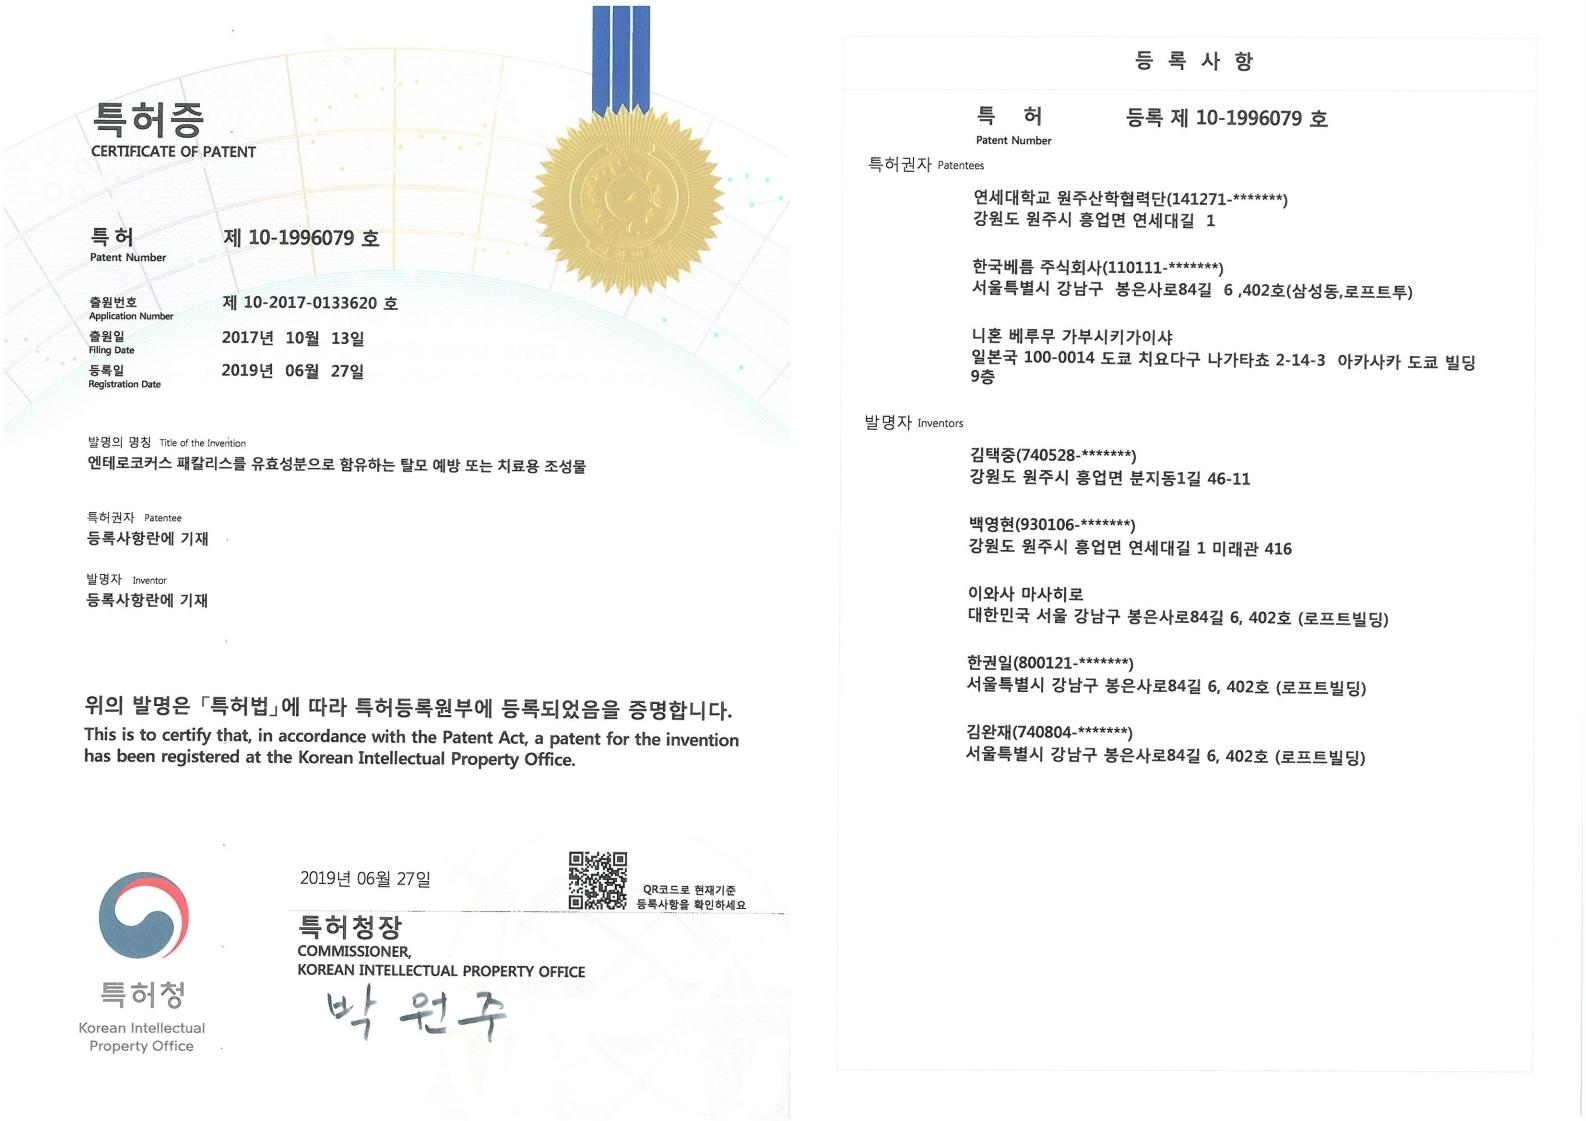 탈모의 예방 및 치료에 관한 특허